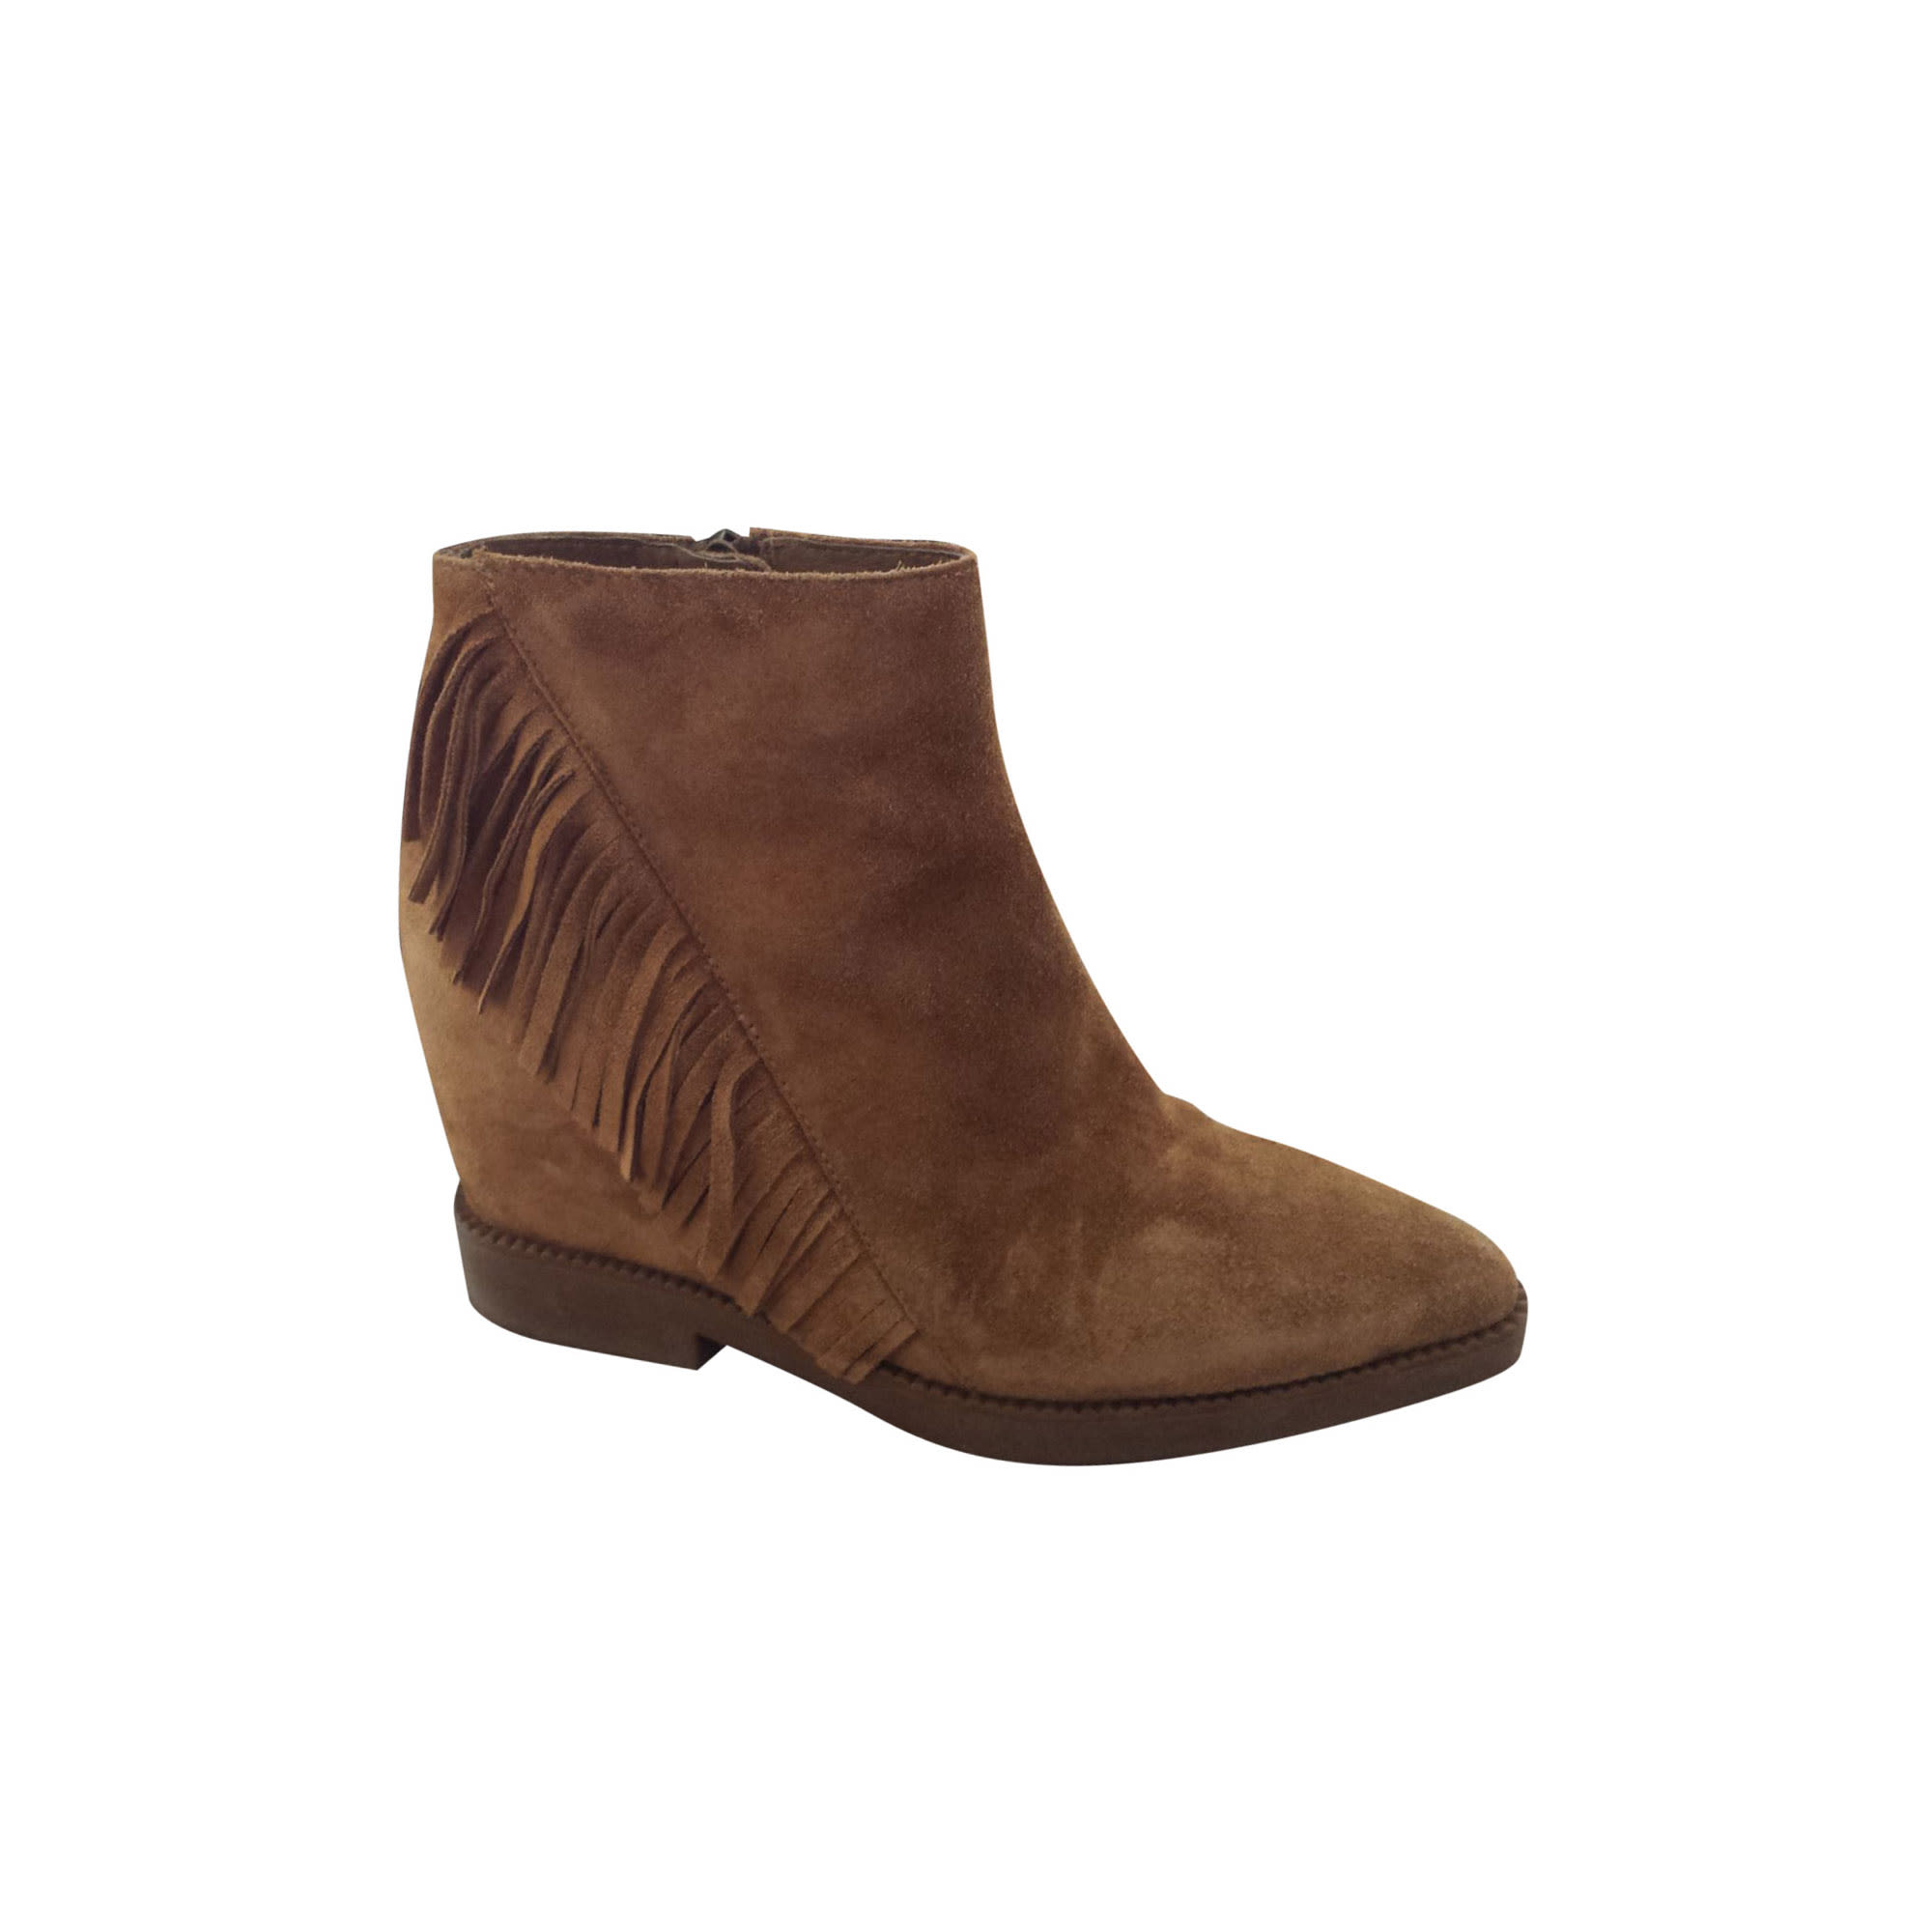 Bottines & low boots à talons ASH Beige, camel